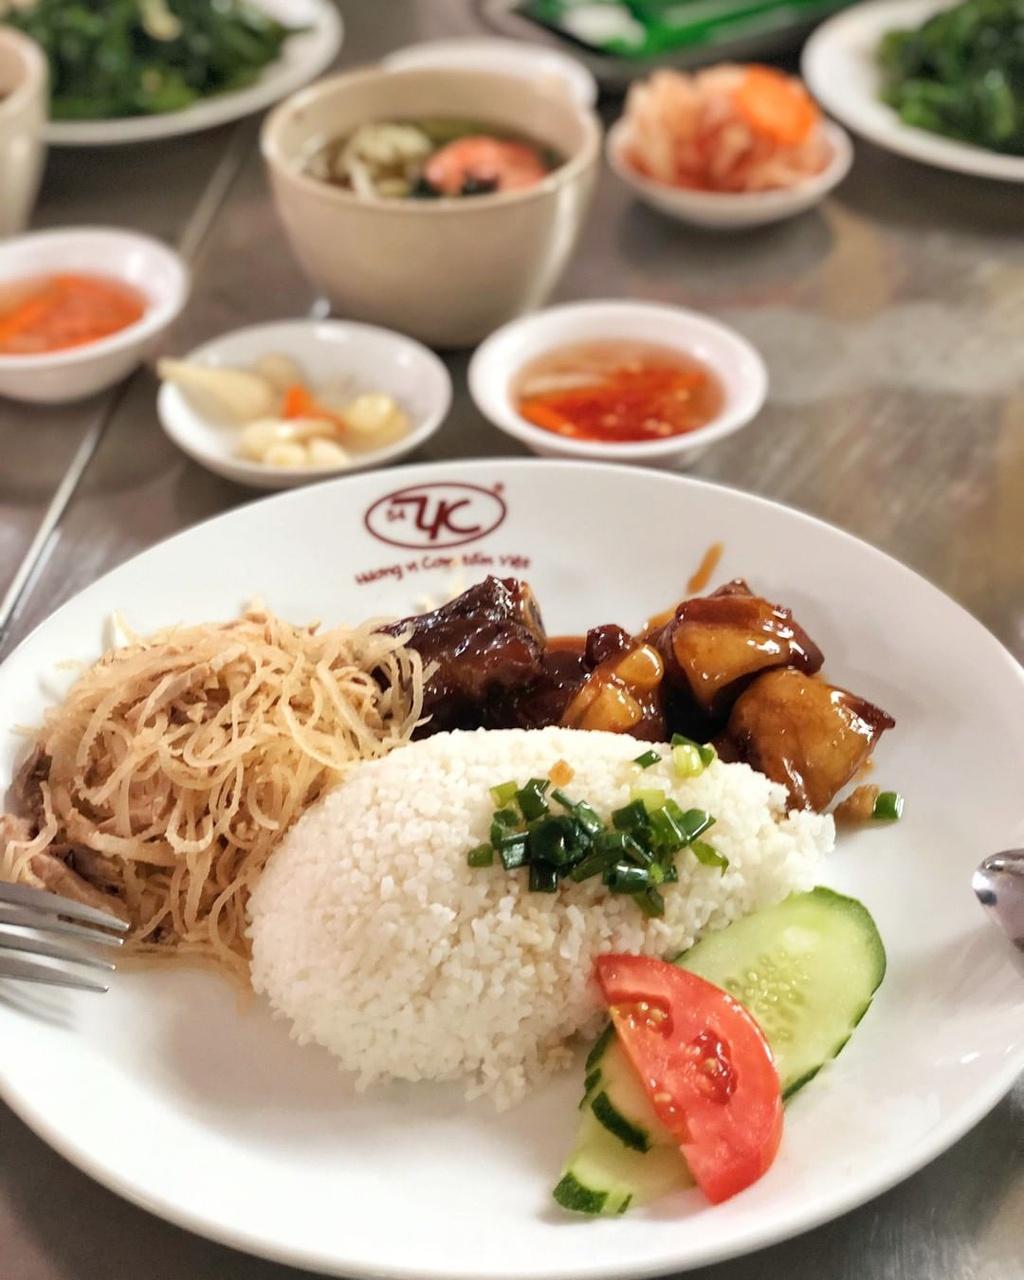 5 địa chỉ quán ăn ngon nổi tiếng với giá cả phải chăng tại quận 1, Sài Gòn - Ảnh 5.